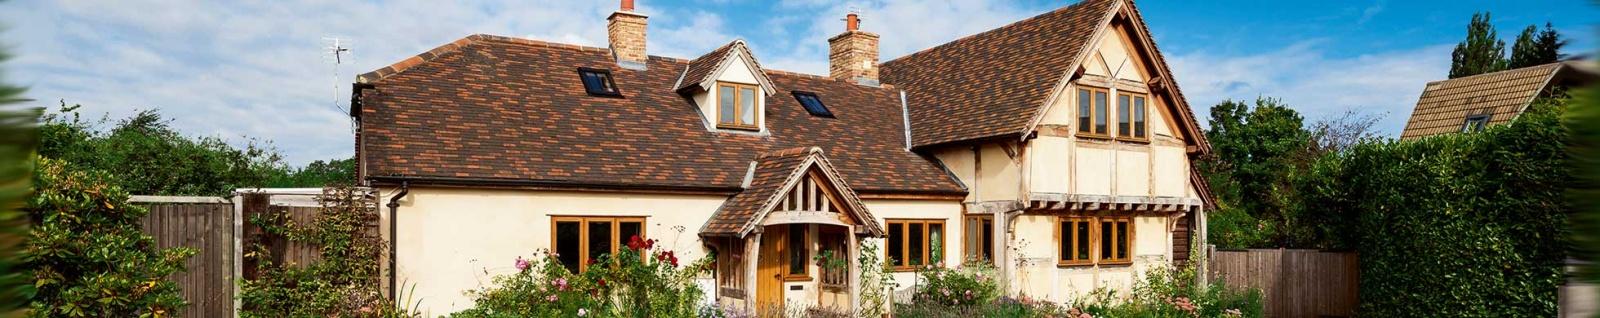 oak frame cottage in spring